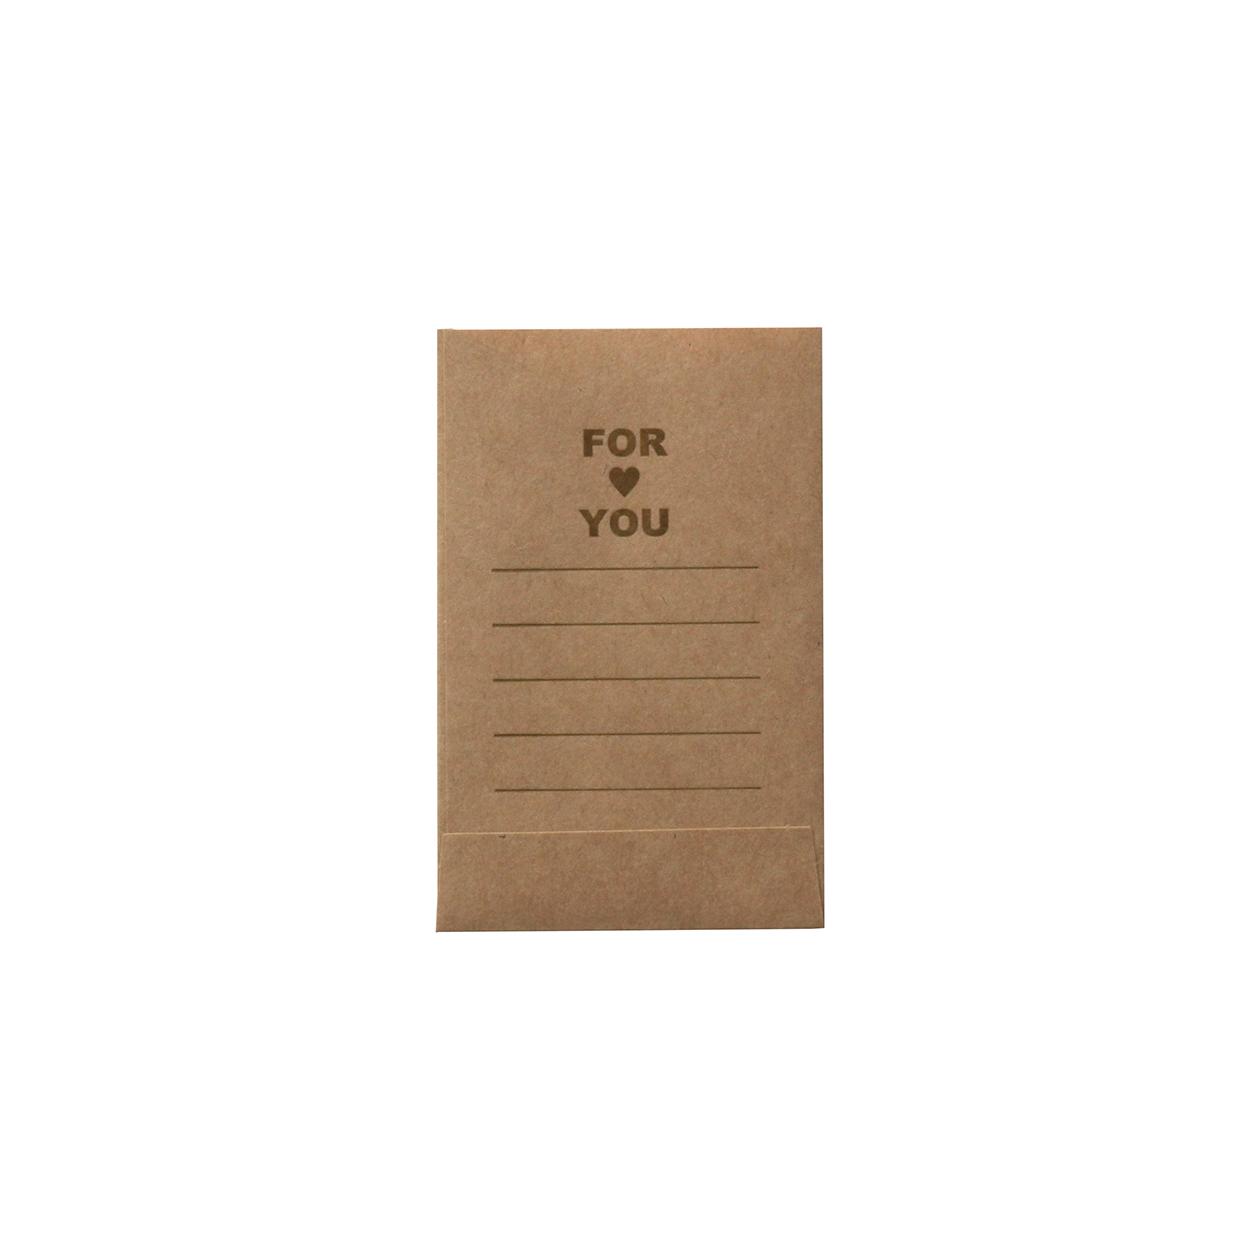 サンプル 封筒・袋 00076